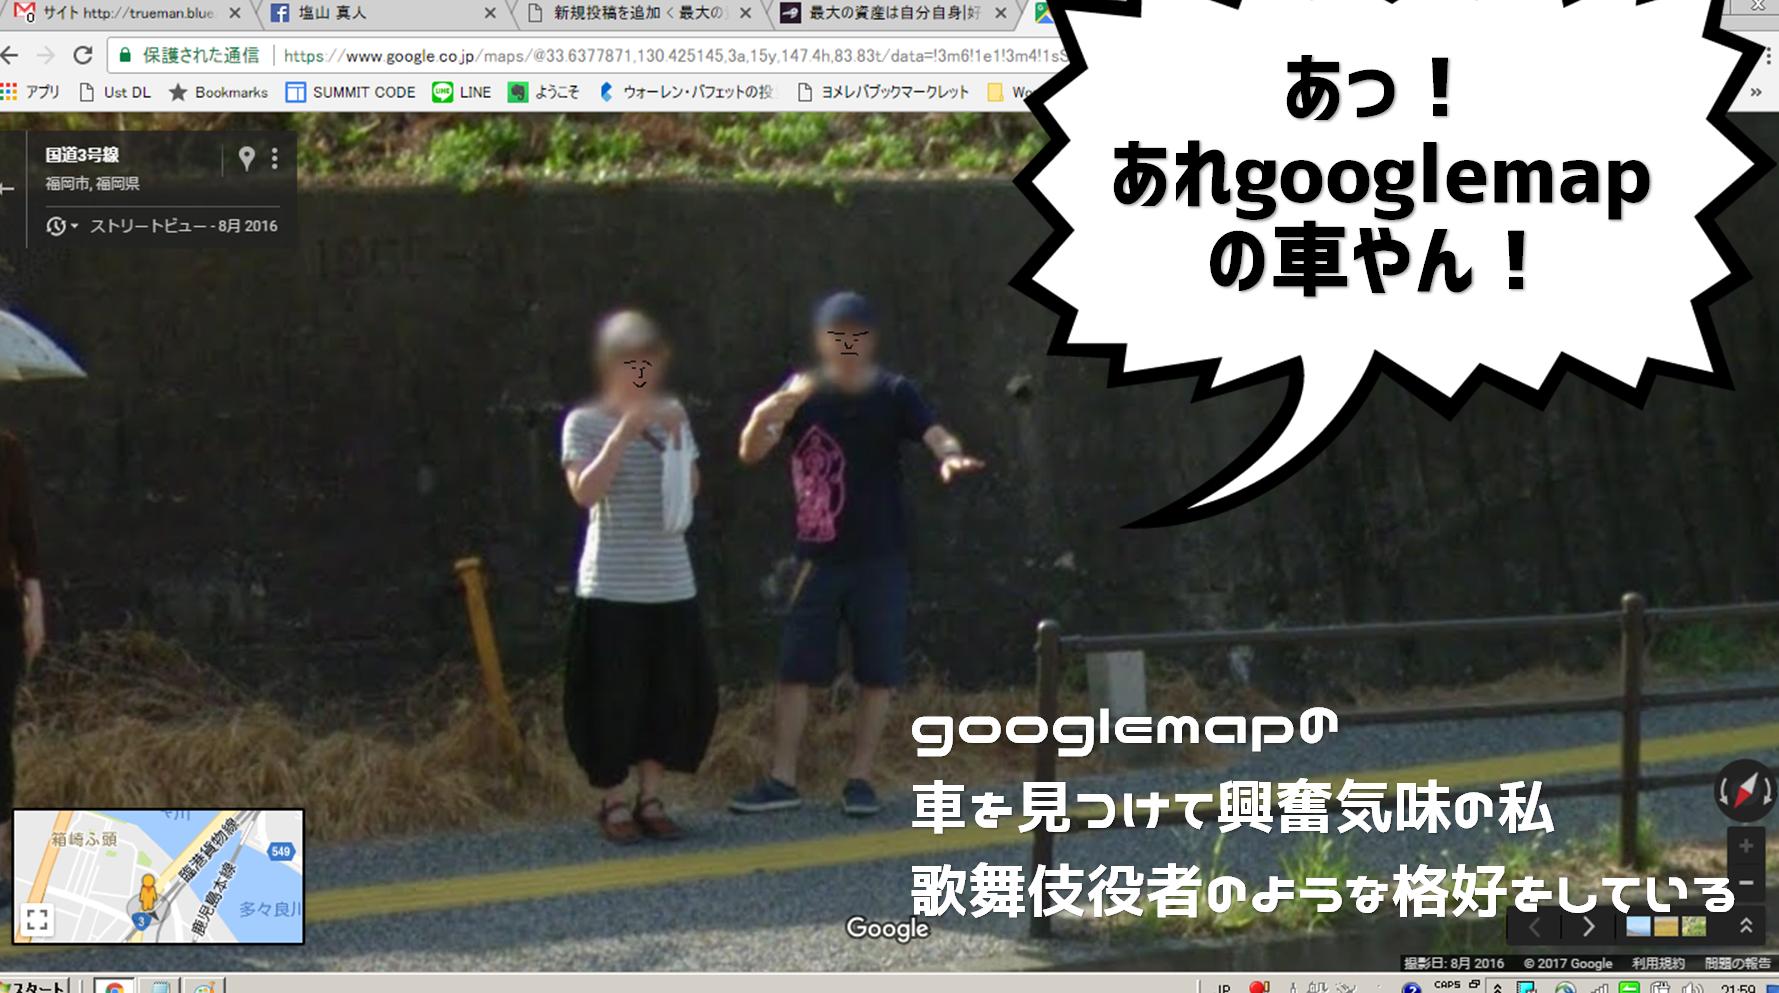 googlemap③